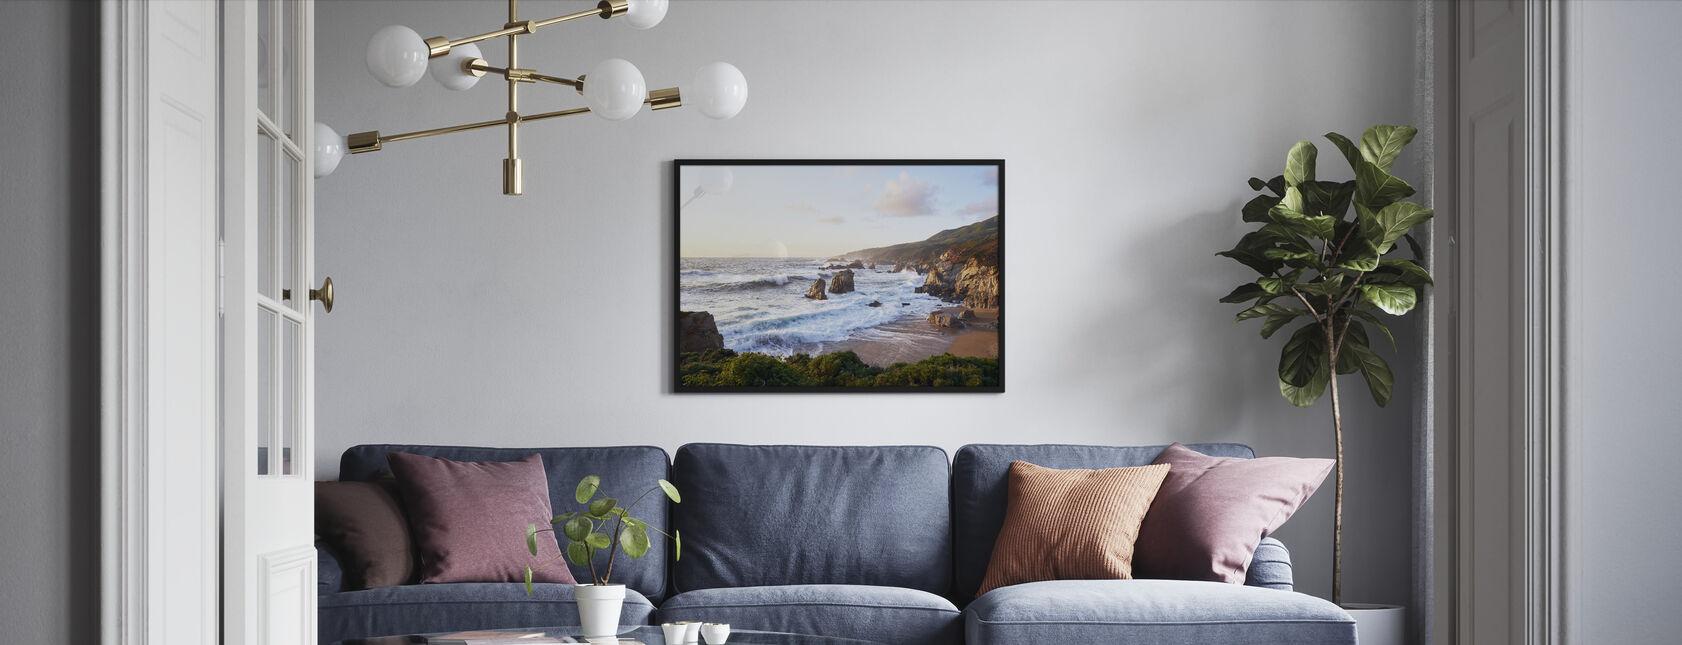 Wellen kommen in Big Sur - Gerahmtes bild - Wohnzimmer